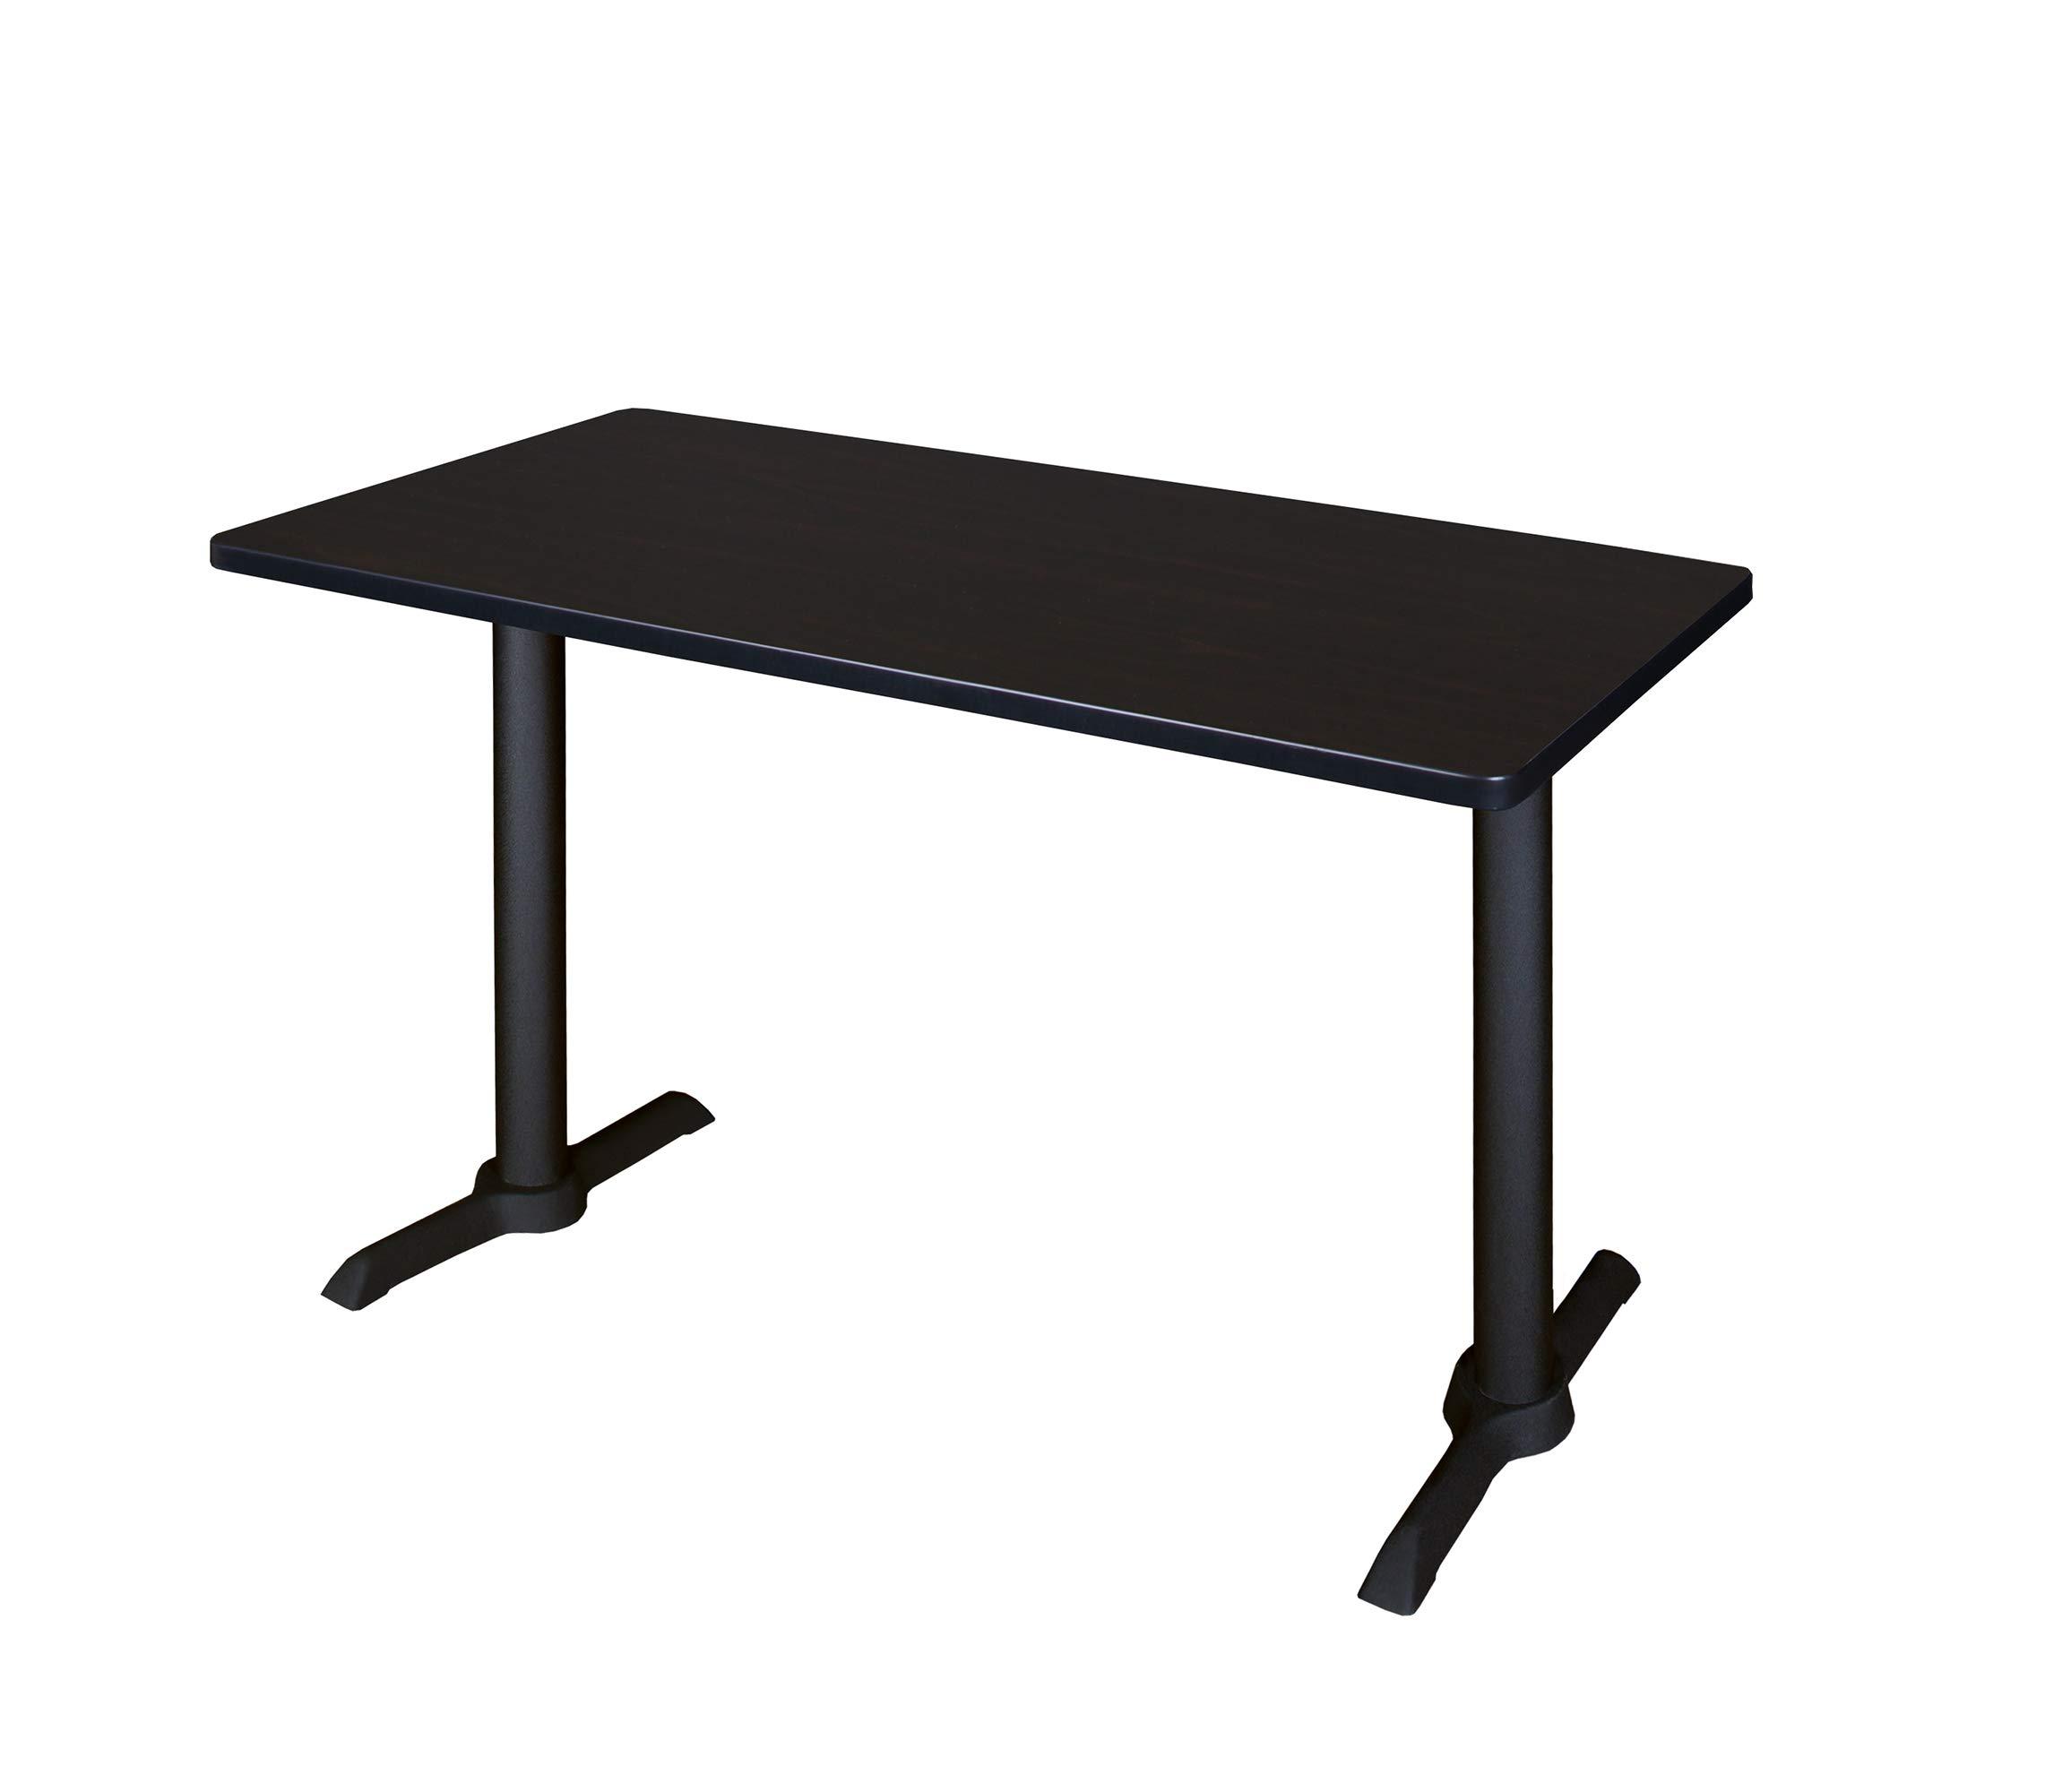 Regency Regency Cain 42 by 24-Inch Training Table, Mocha Walnut by Regency Seating